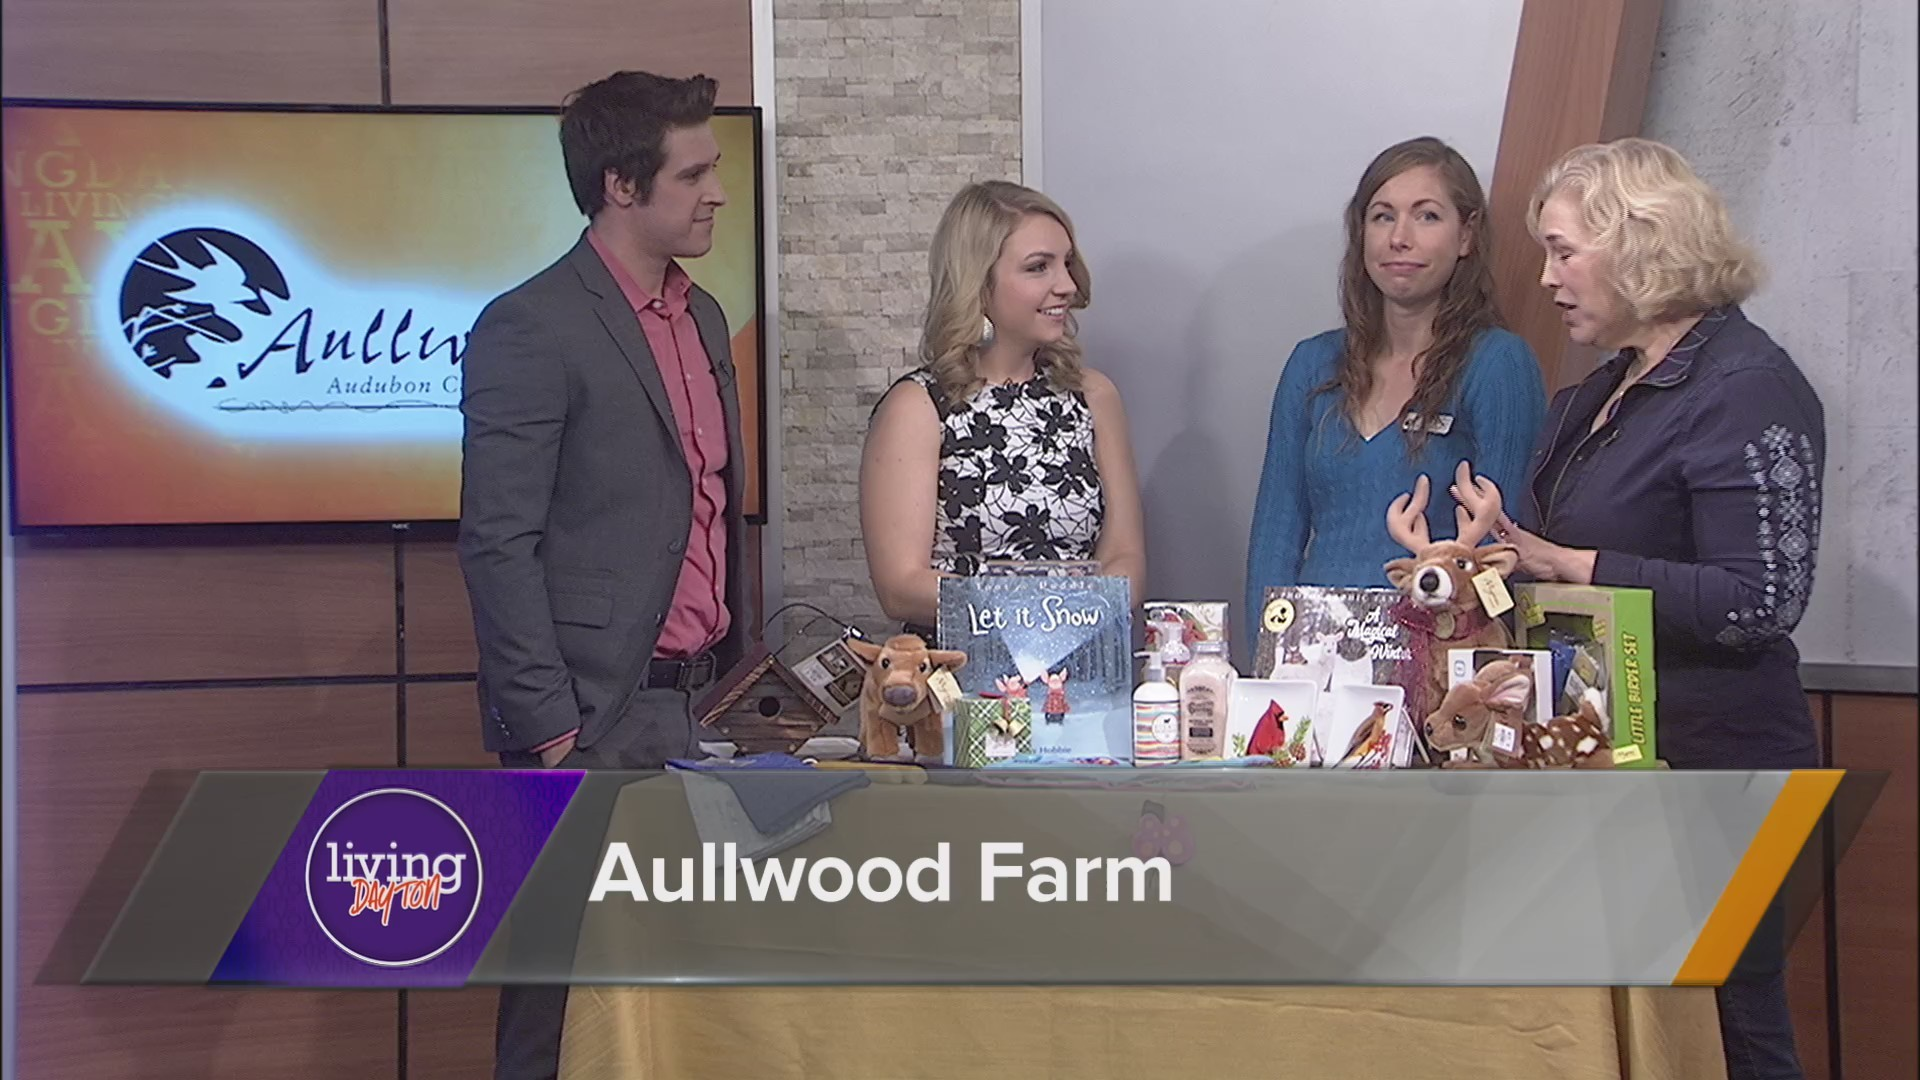 Aullwood Farm